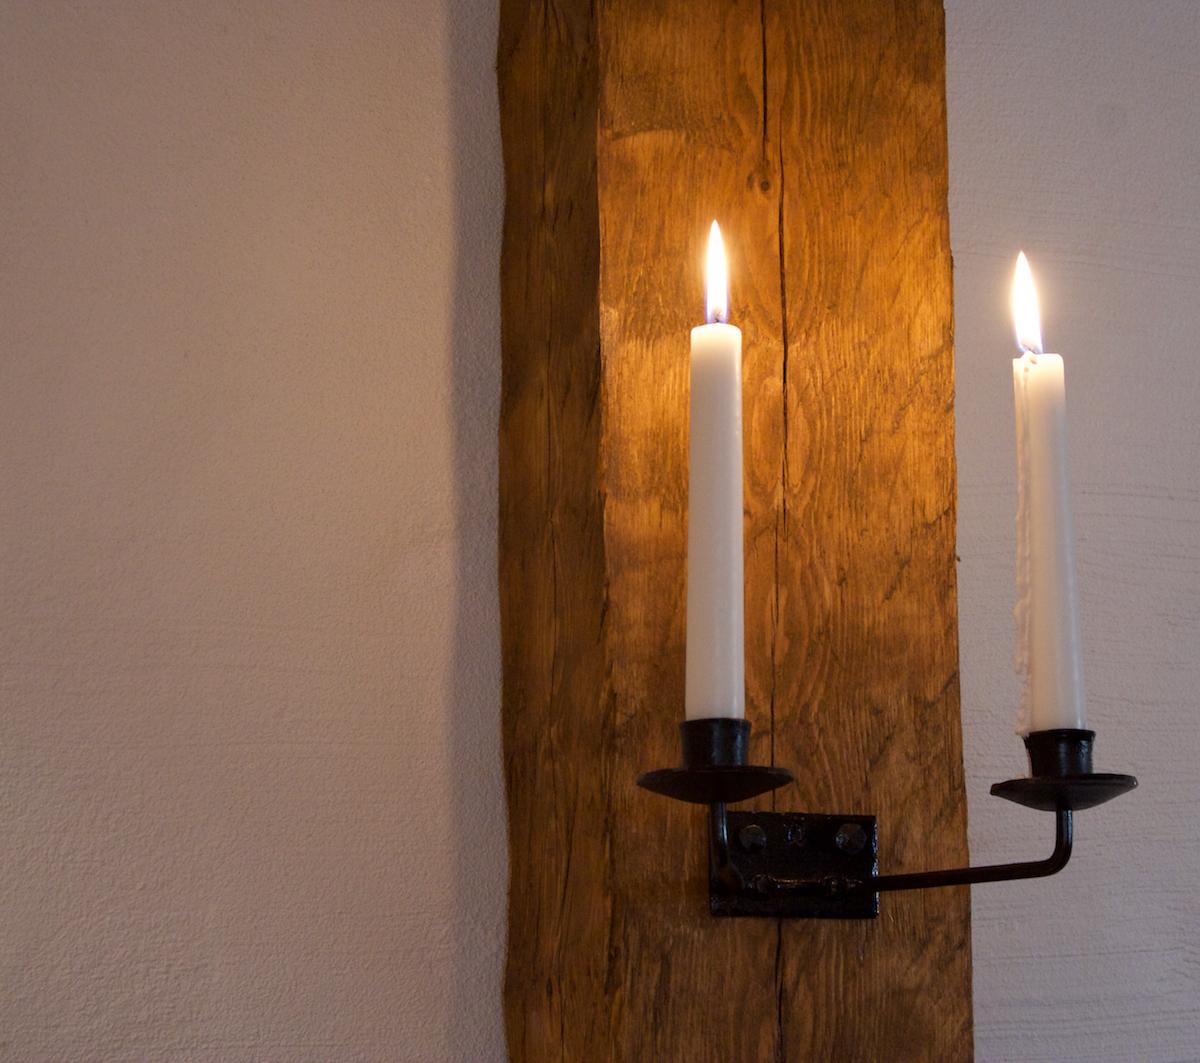 Kynttilänjalat pilarissa. Valokuva LC